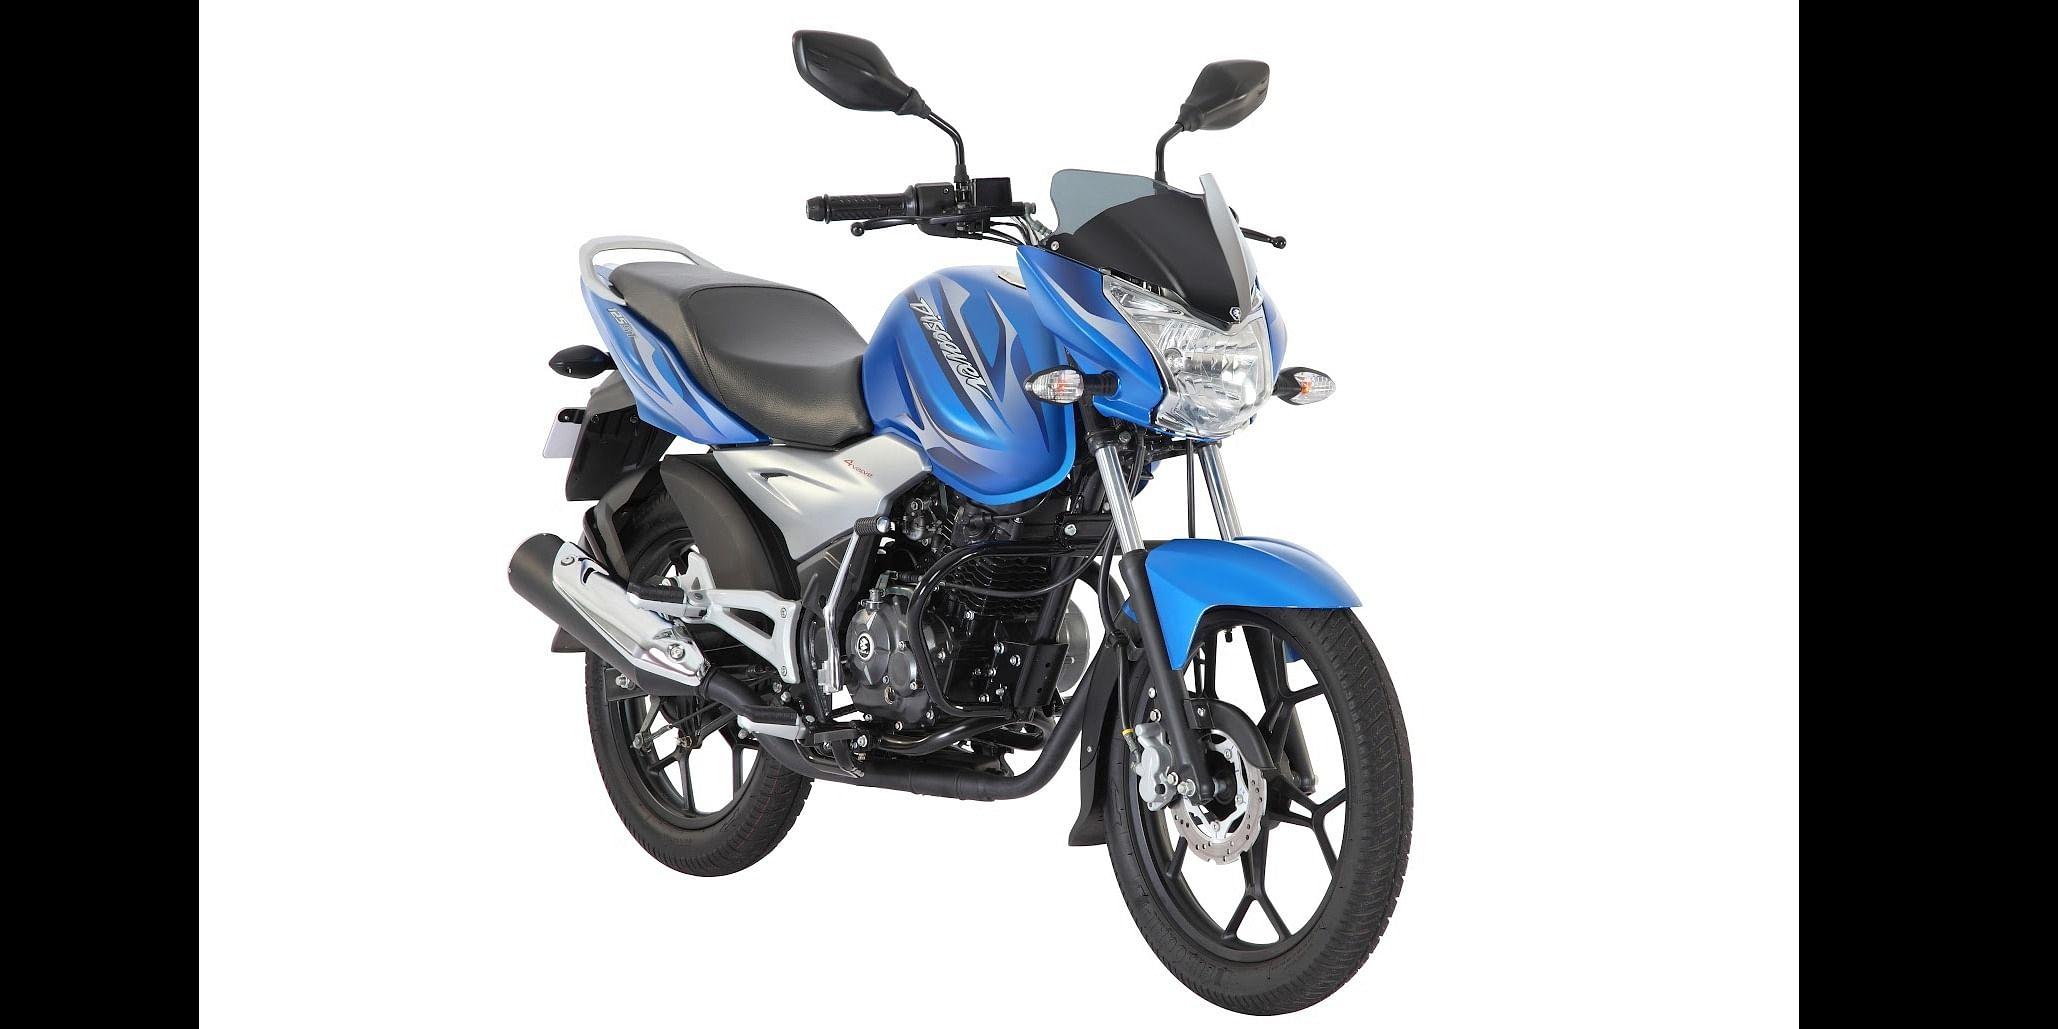 150 cc bikes in India